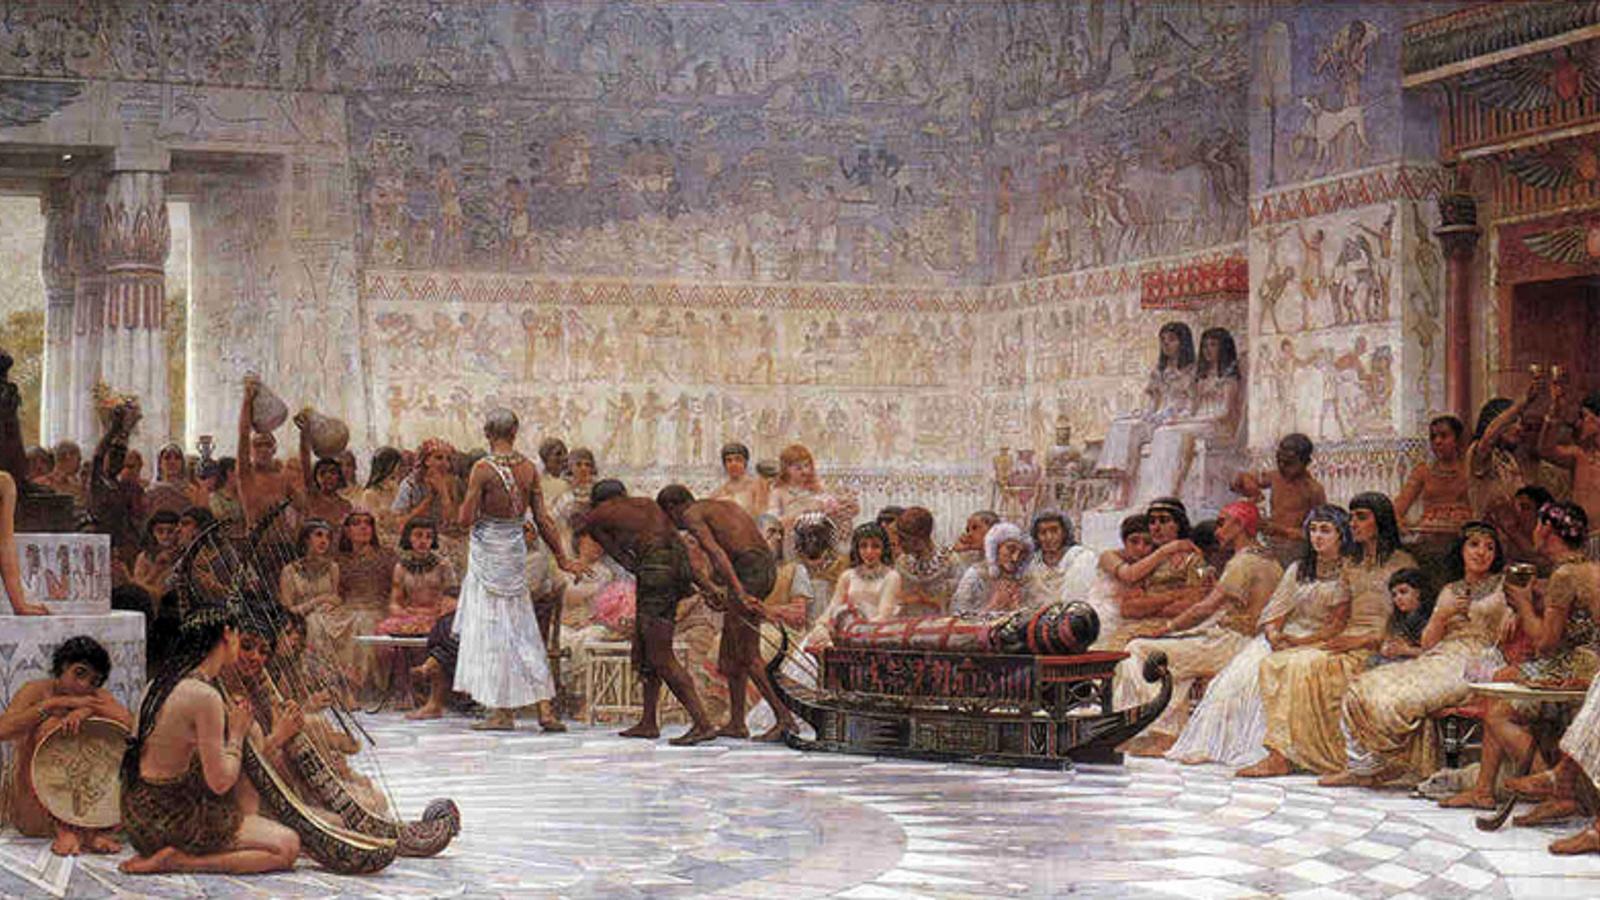 A Nílus áradásához kötött – így változó időpontban megtartott – ünneppel az ókori egyiptomiak egyrészt az új esztendőt köszöntötték, illetve egyik főistenük, Ozirisz újjászületésének, valamint a föld és az emberek megújhodásának hódoltak. A móka napokig tartott, és közben lakomáztak, ittak, énekeltek és táncoltak. (Wikipedia)